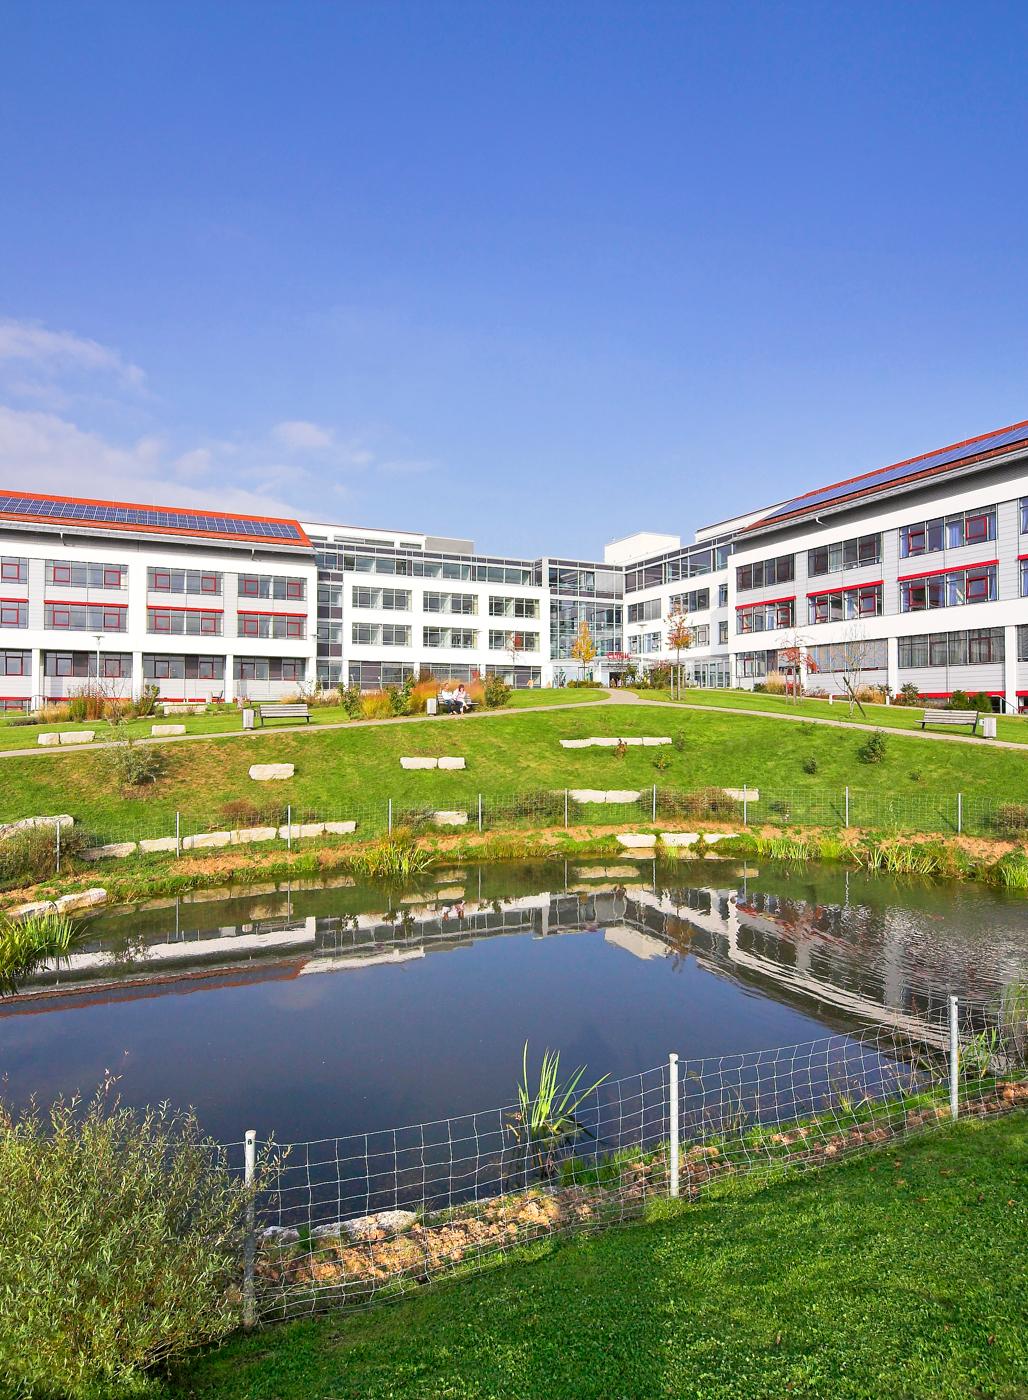 Außenbereich mit Versickerungsteich und Parklandschaft, Clinic Neuendettelsau.